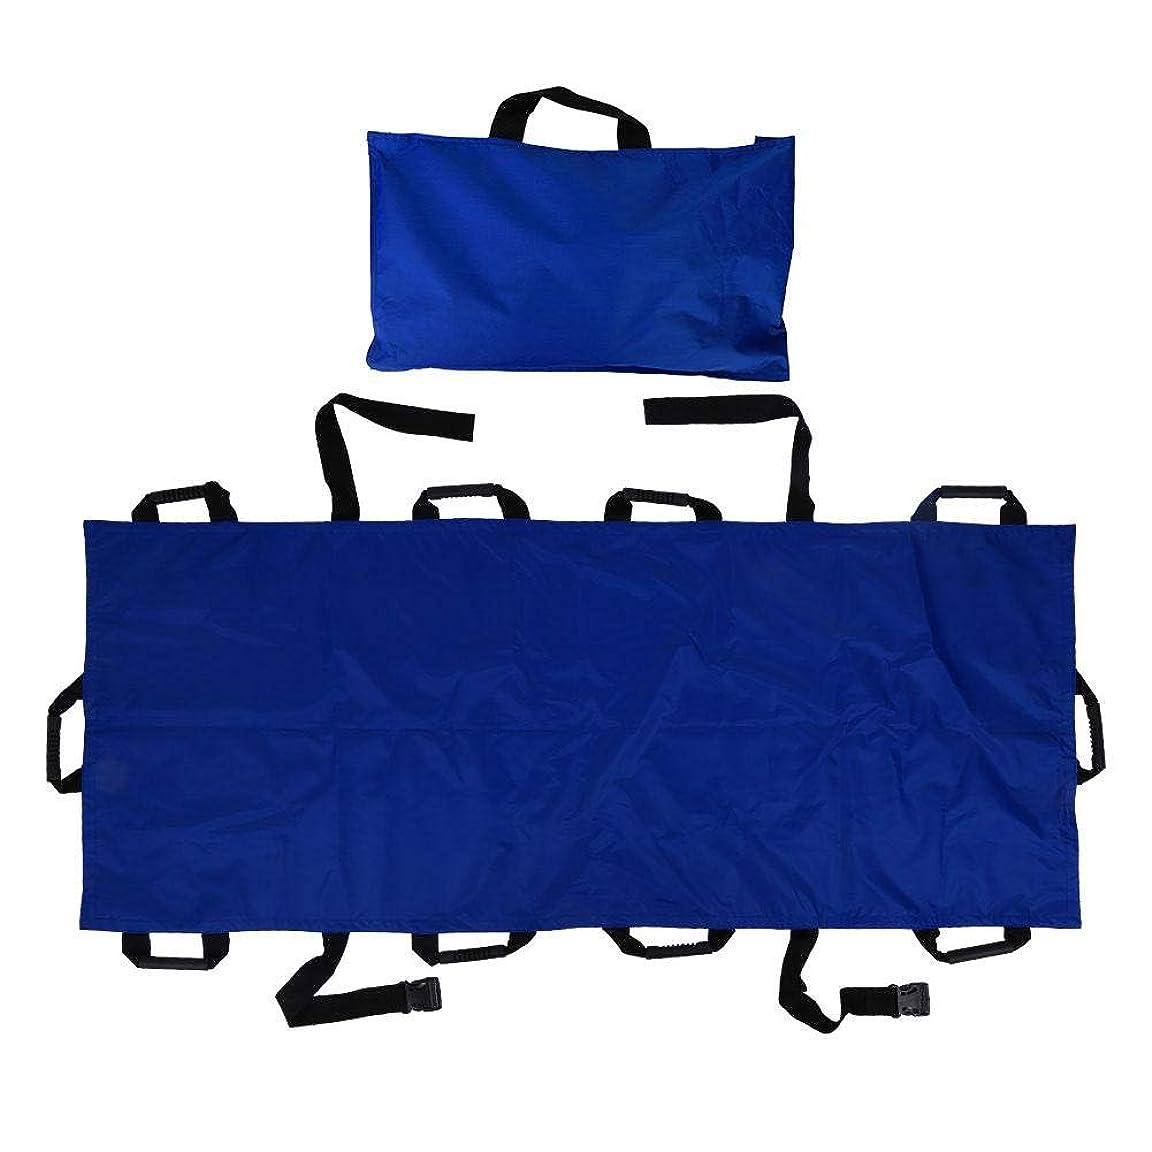 どれメトリックペインギリック家庭用ストレッチャー、ポータブル10ハンドルオックスフォード布折りたたみ式患者輸送ソフトストレッチャー